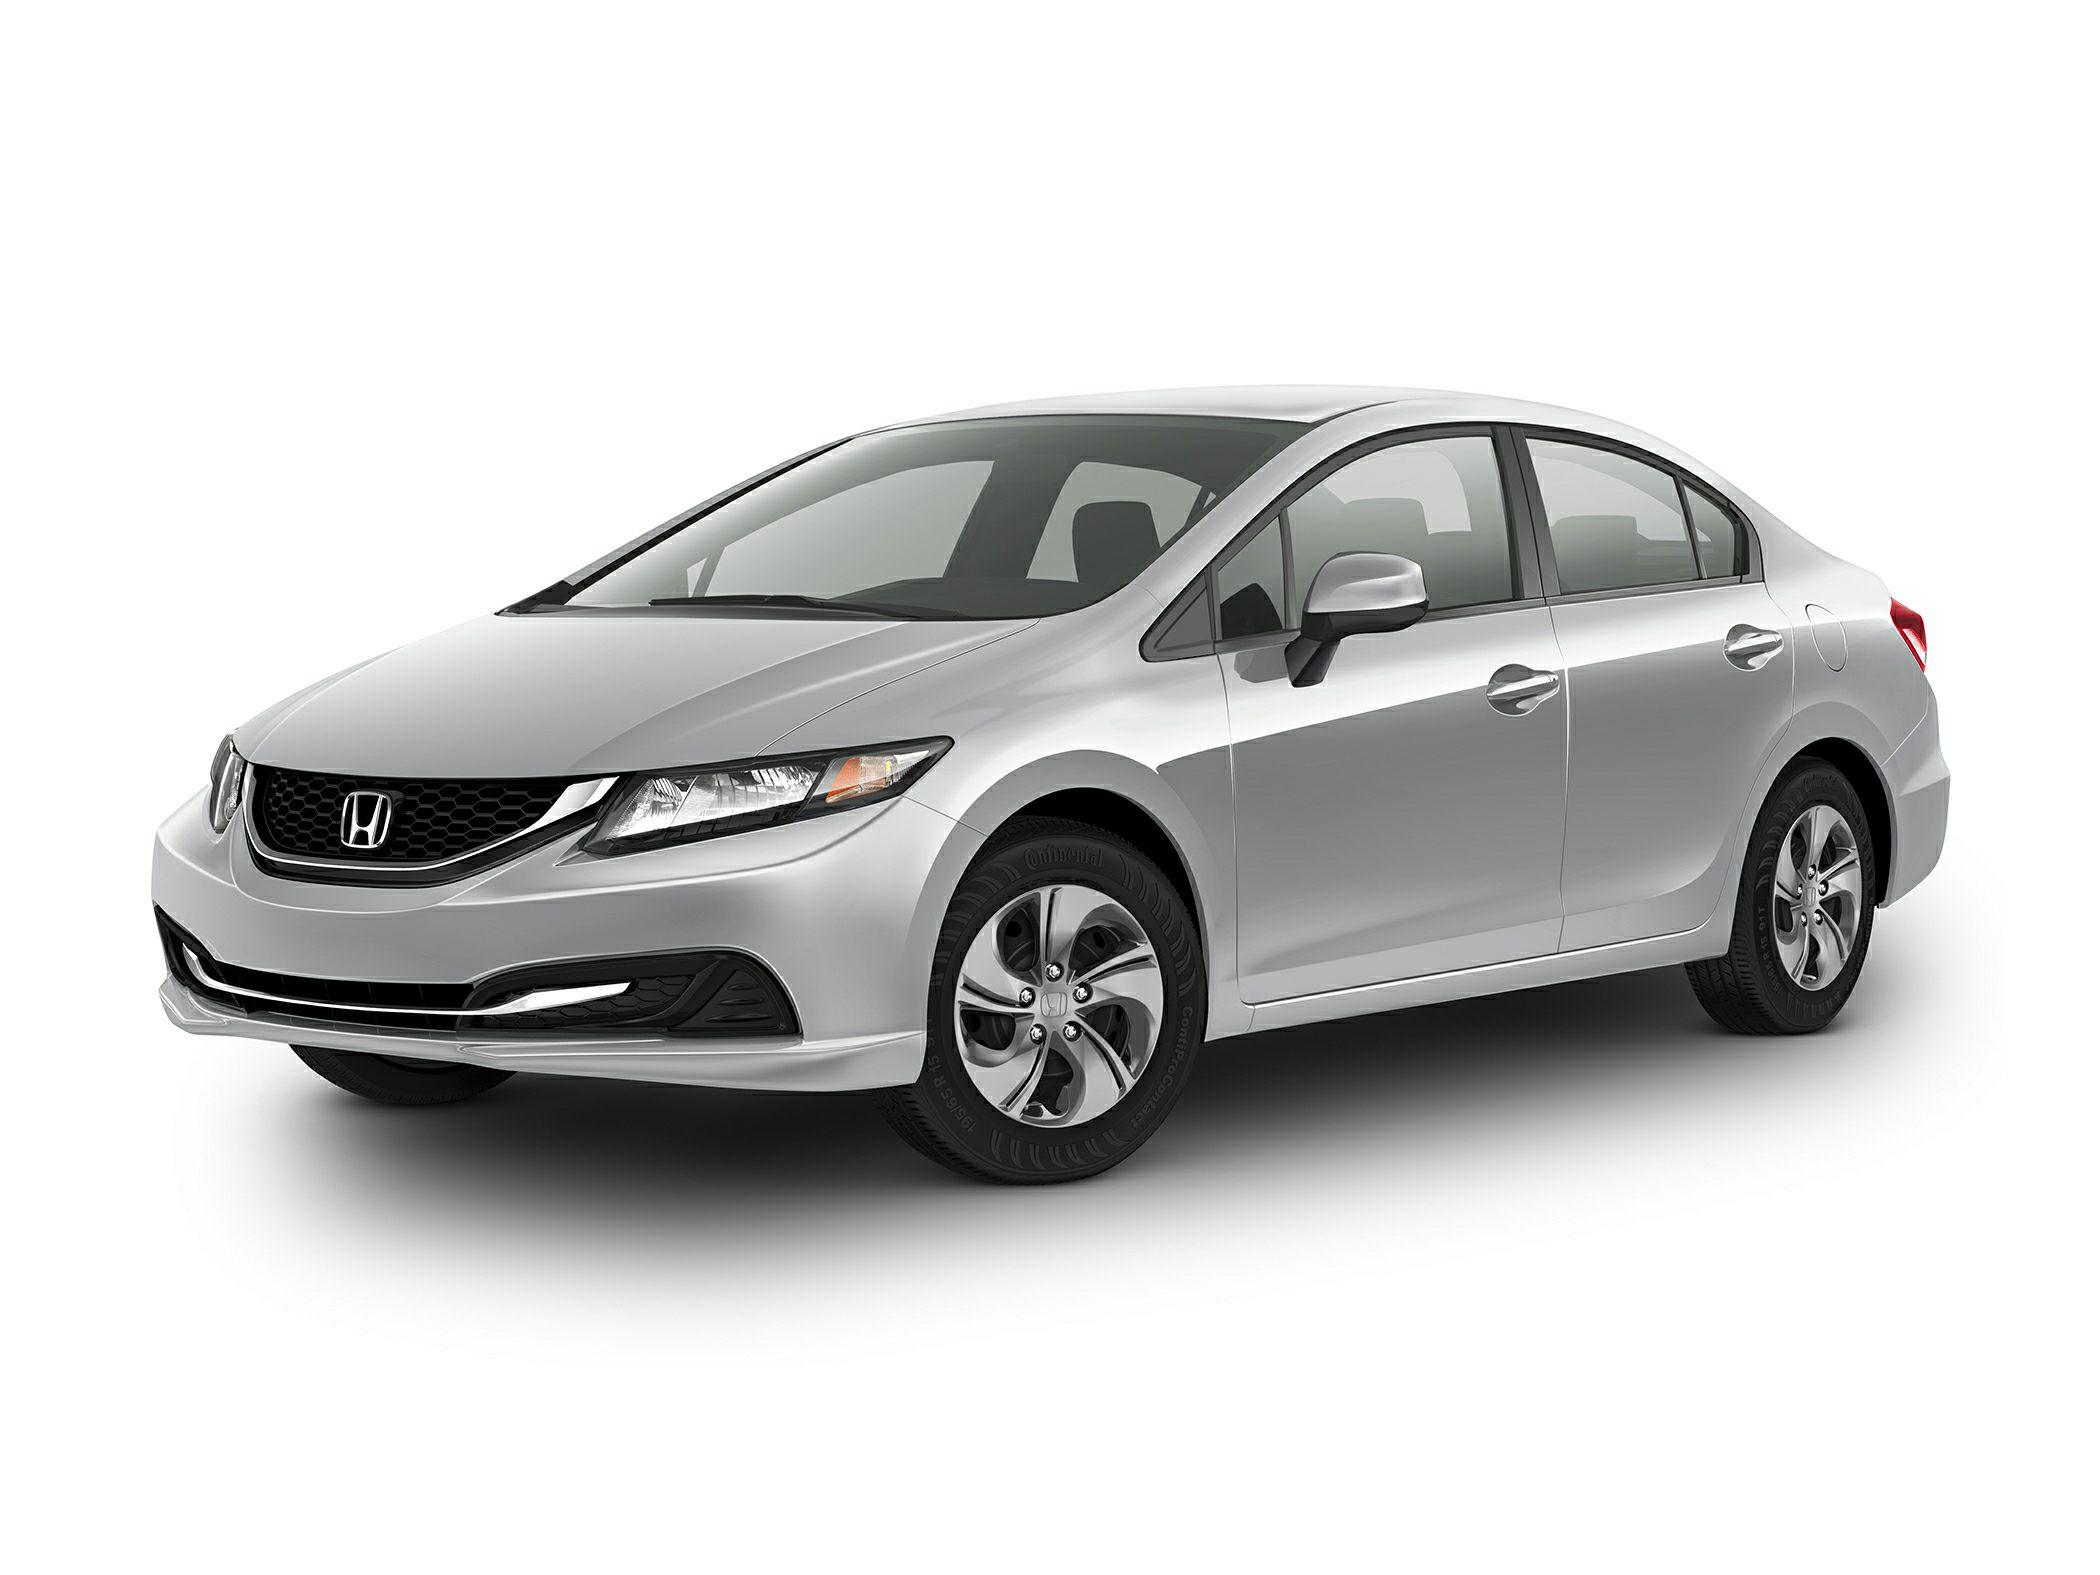 Honda Civic IX 2011 - 2015 Sedan #1